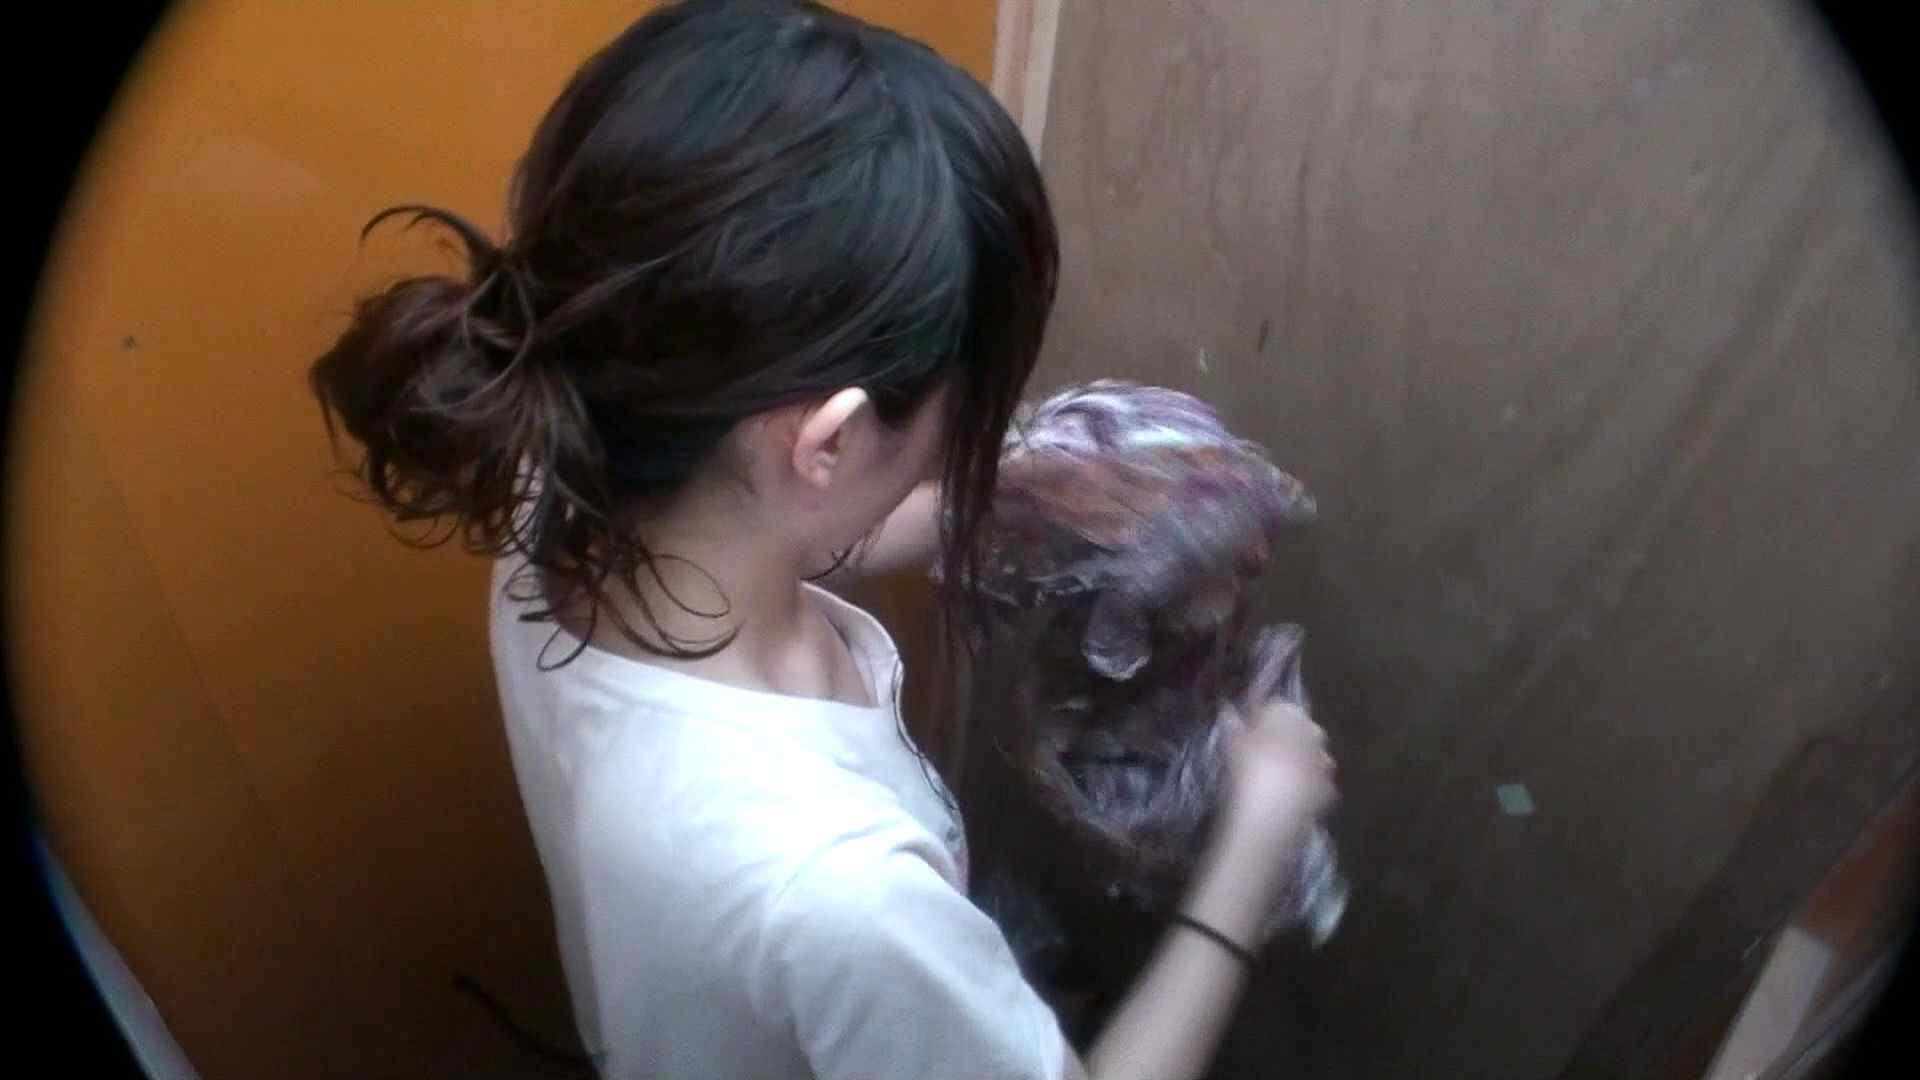 シャワールームは超!!危険な香りVol.29 こっちを向いて欲しい貧乳姉さん シャワー セックス画像 67PICs 67